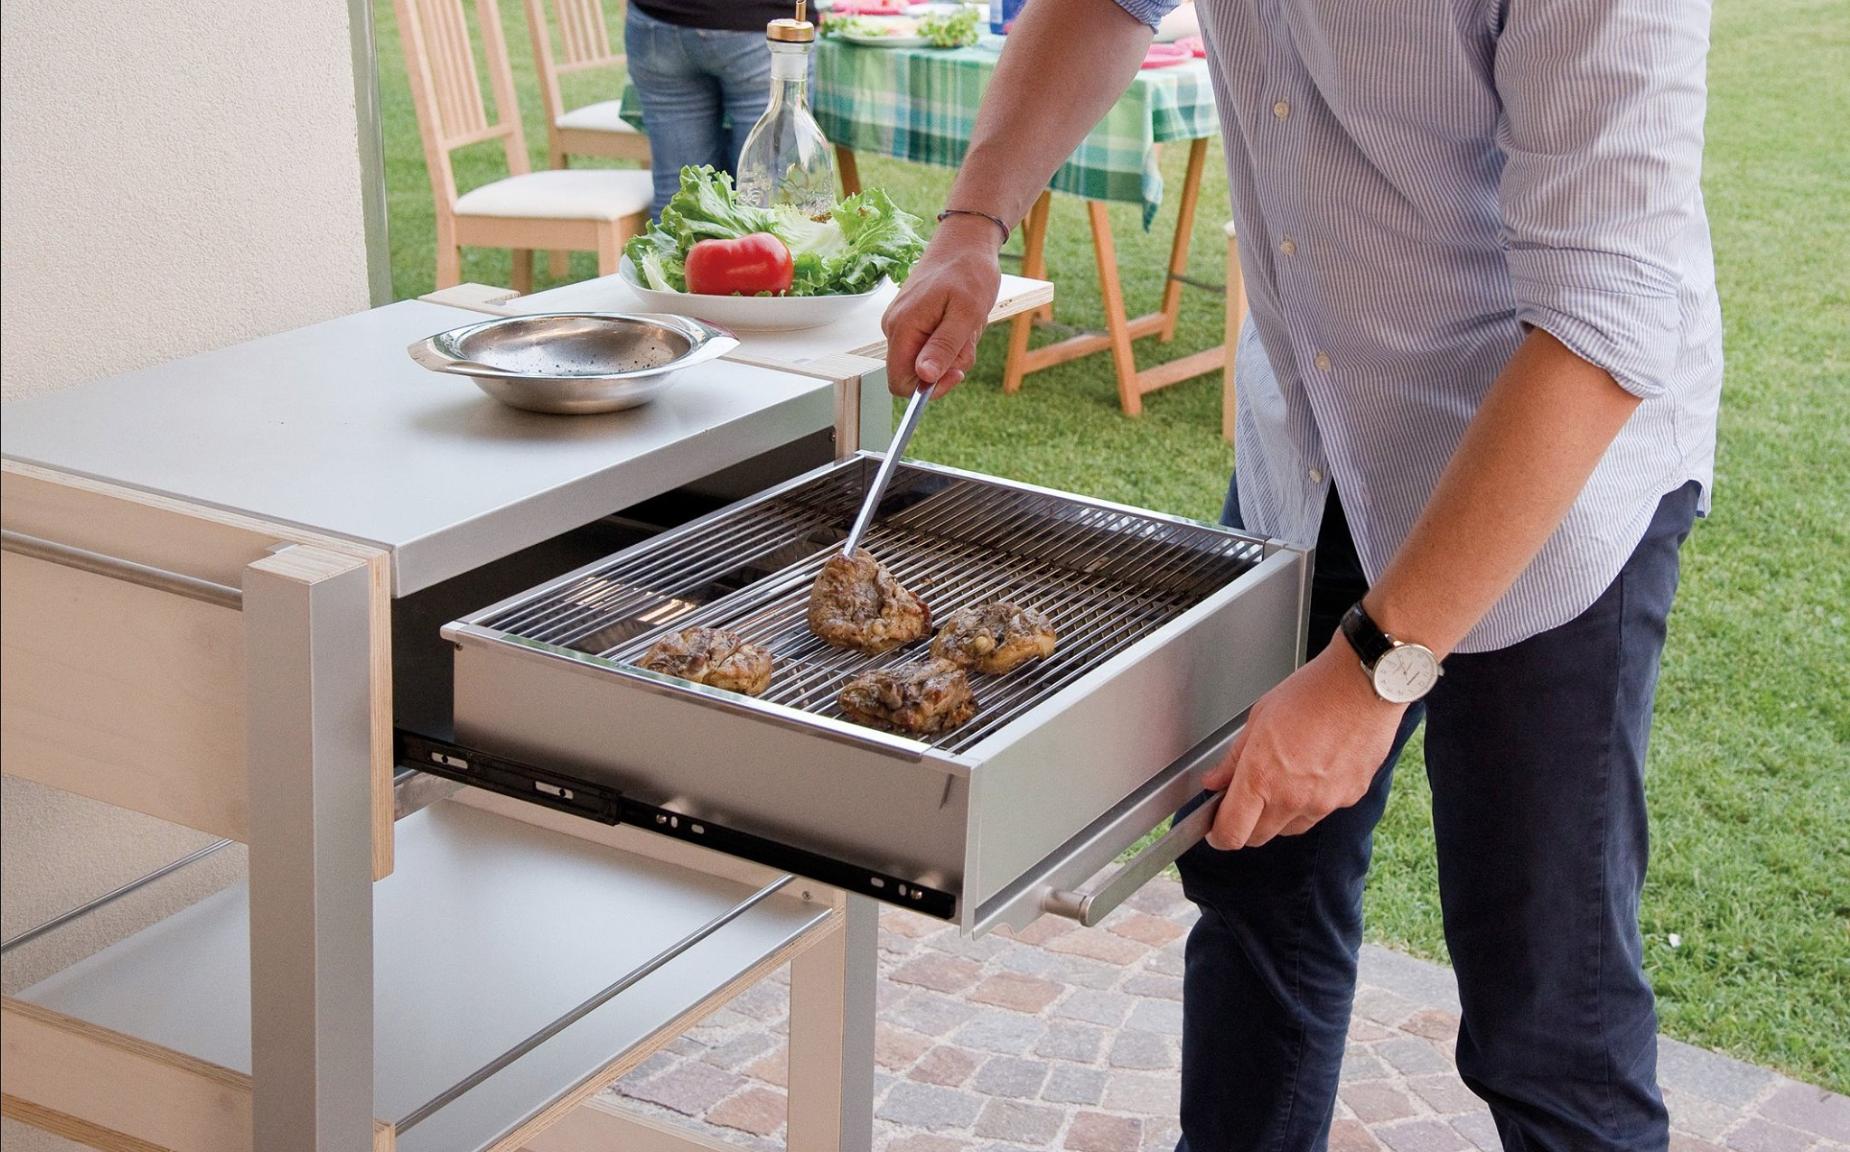 Palermo intossicati da monossido di carbonio per un barbecue in casa ultima tv - Barbecue in casa ...